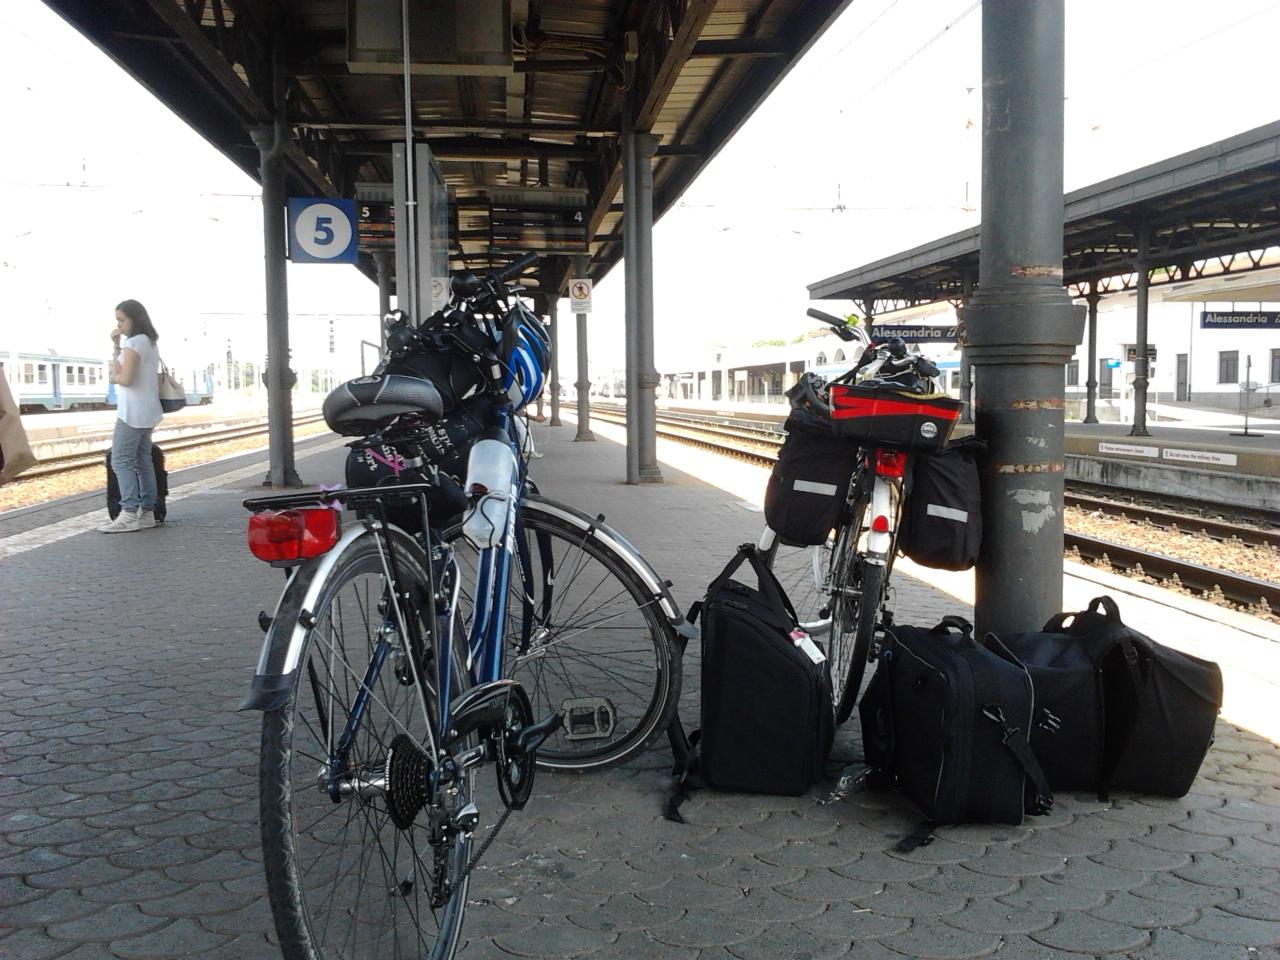 Comincia l'avventura alla stazione. Il vagone-bici sarà in testa o in coda al treno? Lo scopriremo solo all'arrivo. Si prospetta corsa mozzafiato. Sempre che non annuncino un repentino cambio-binario!